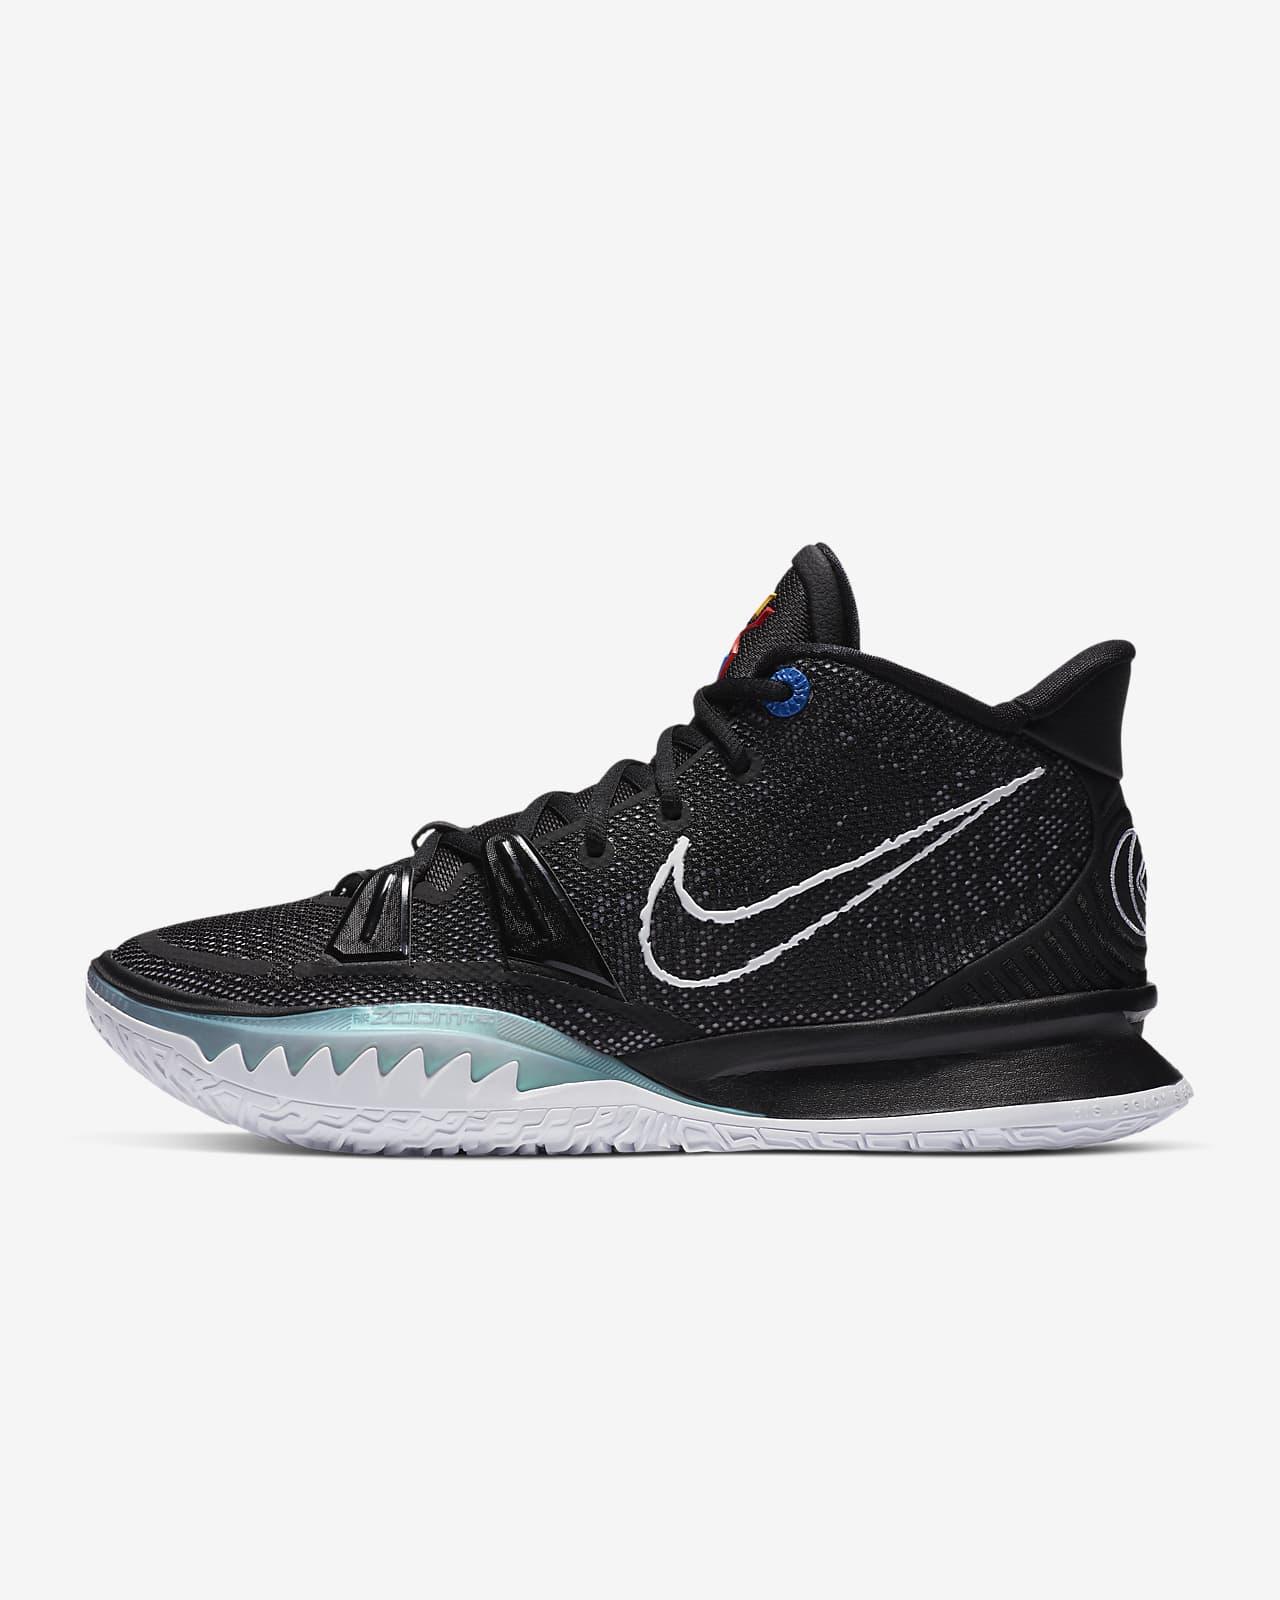 Kyrie 7 EP Basketball Shoe. Nike SG